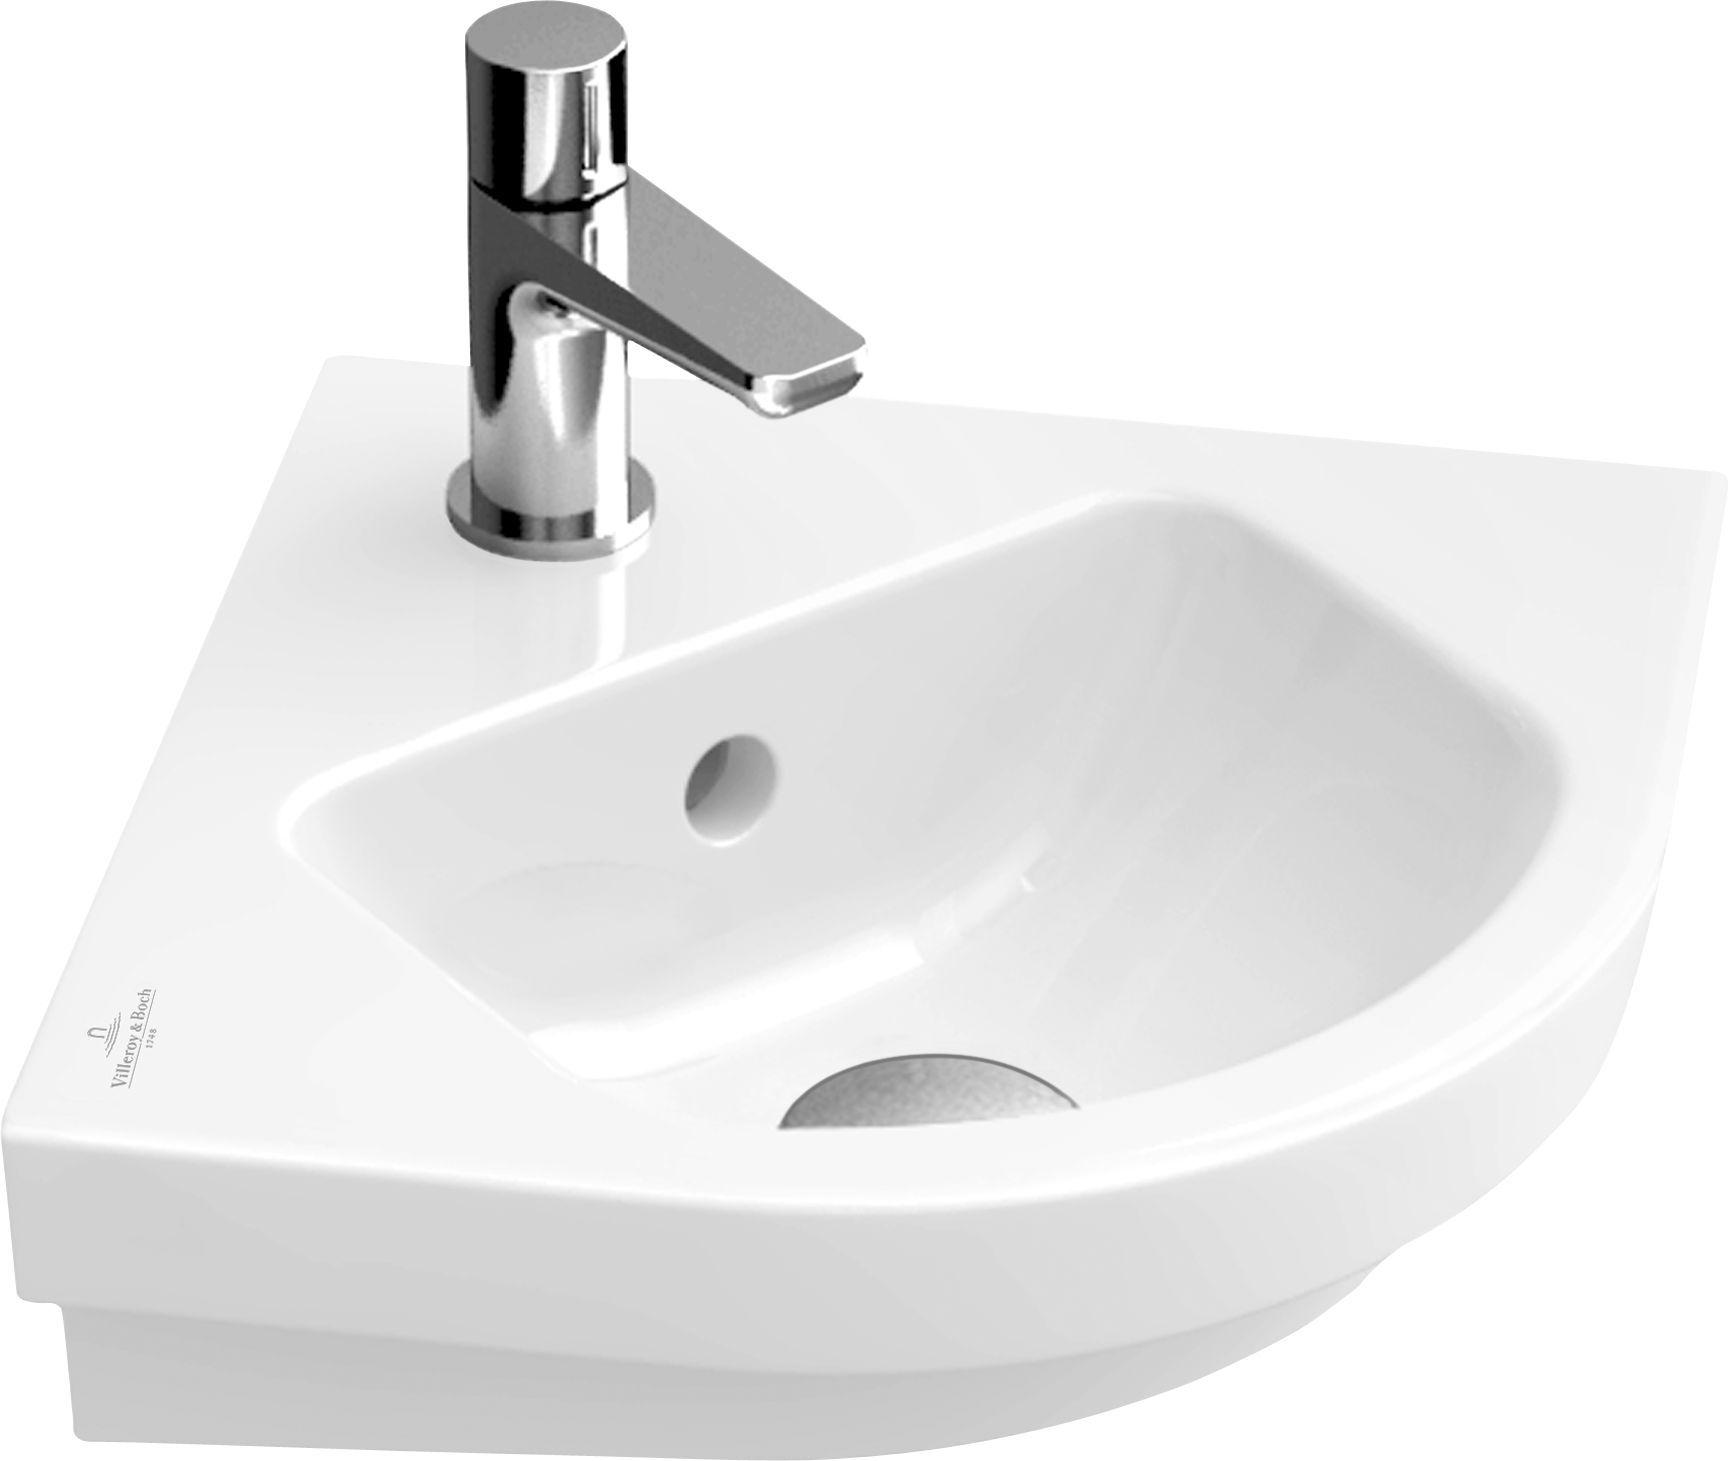 Villeroy & Boch Subway 2.0 Eck-Handwaschbecken B:32xT:32cm 1 Hahnloch mit Überlauf weiß mit Ceramicplus 731945R1